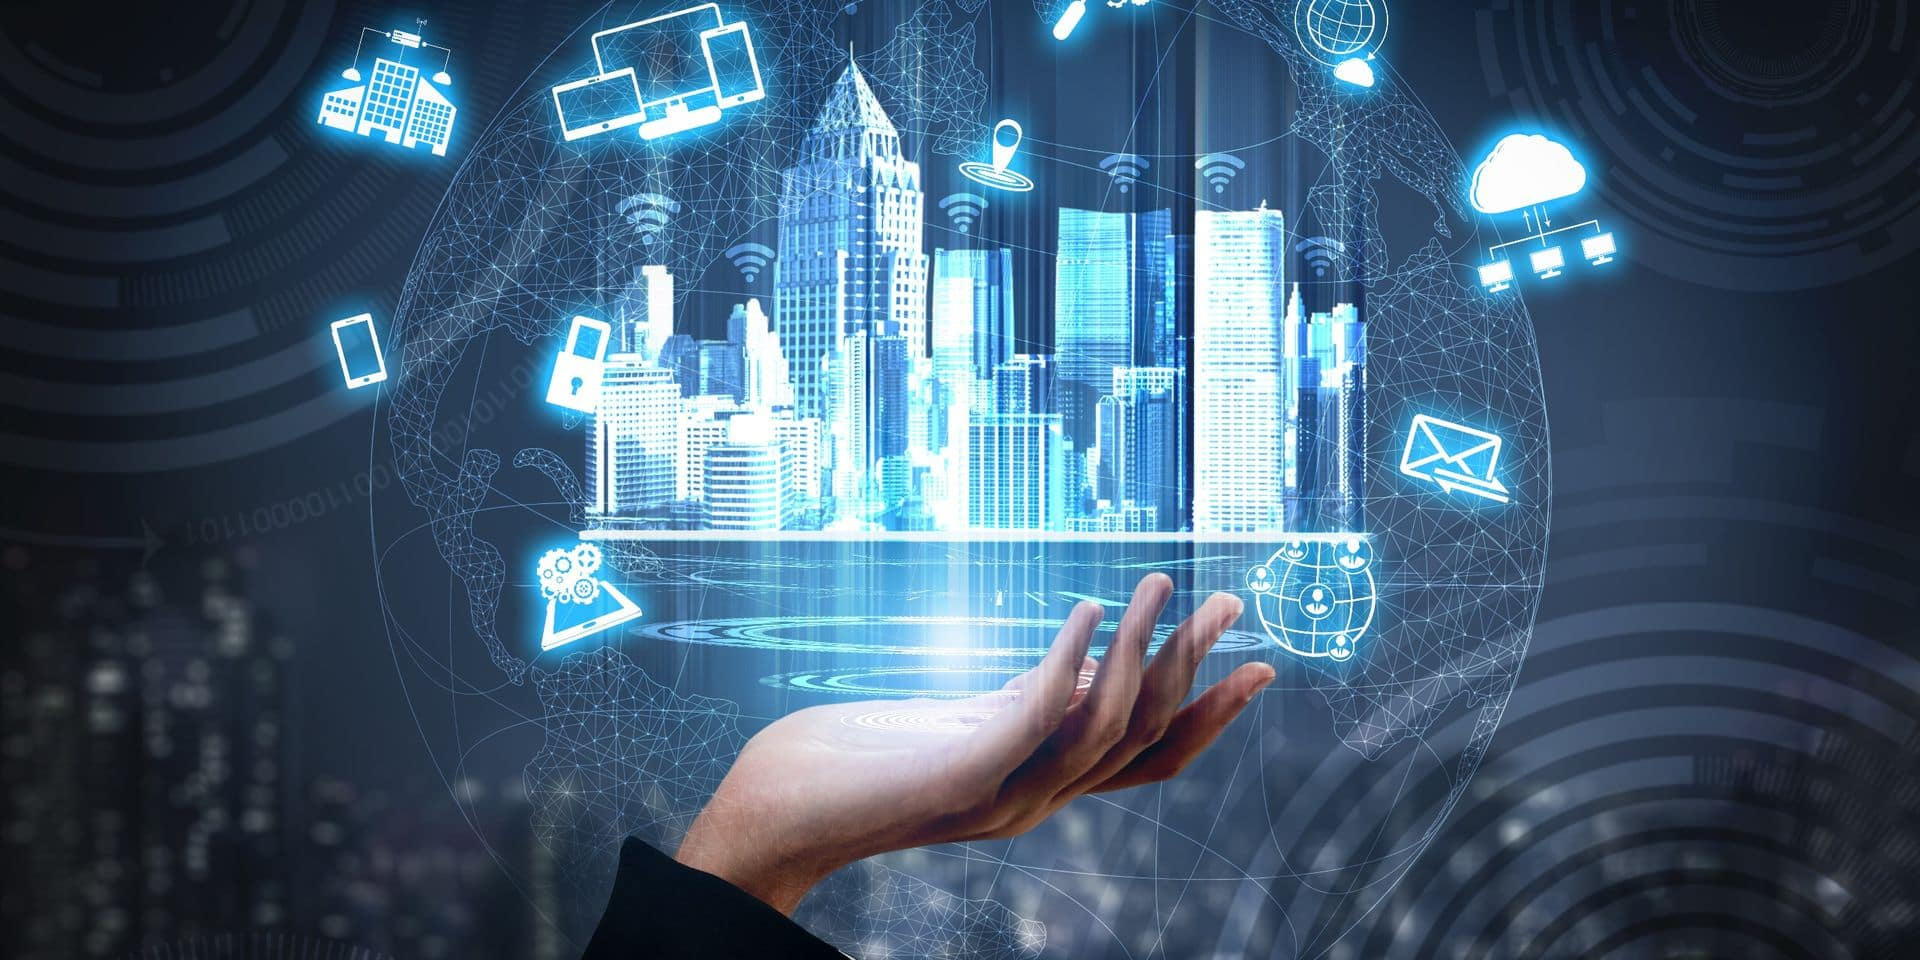 Investir dans les villes intelligentes, c'est investir dans l'avenir et les nouvelles technologies